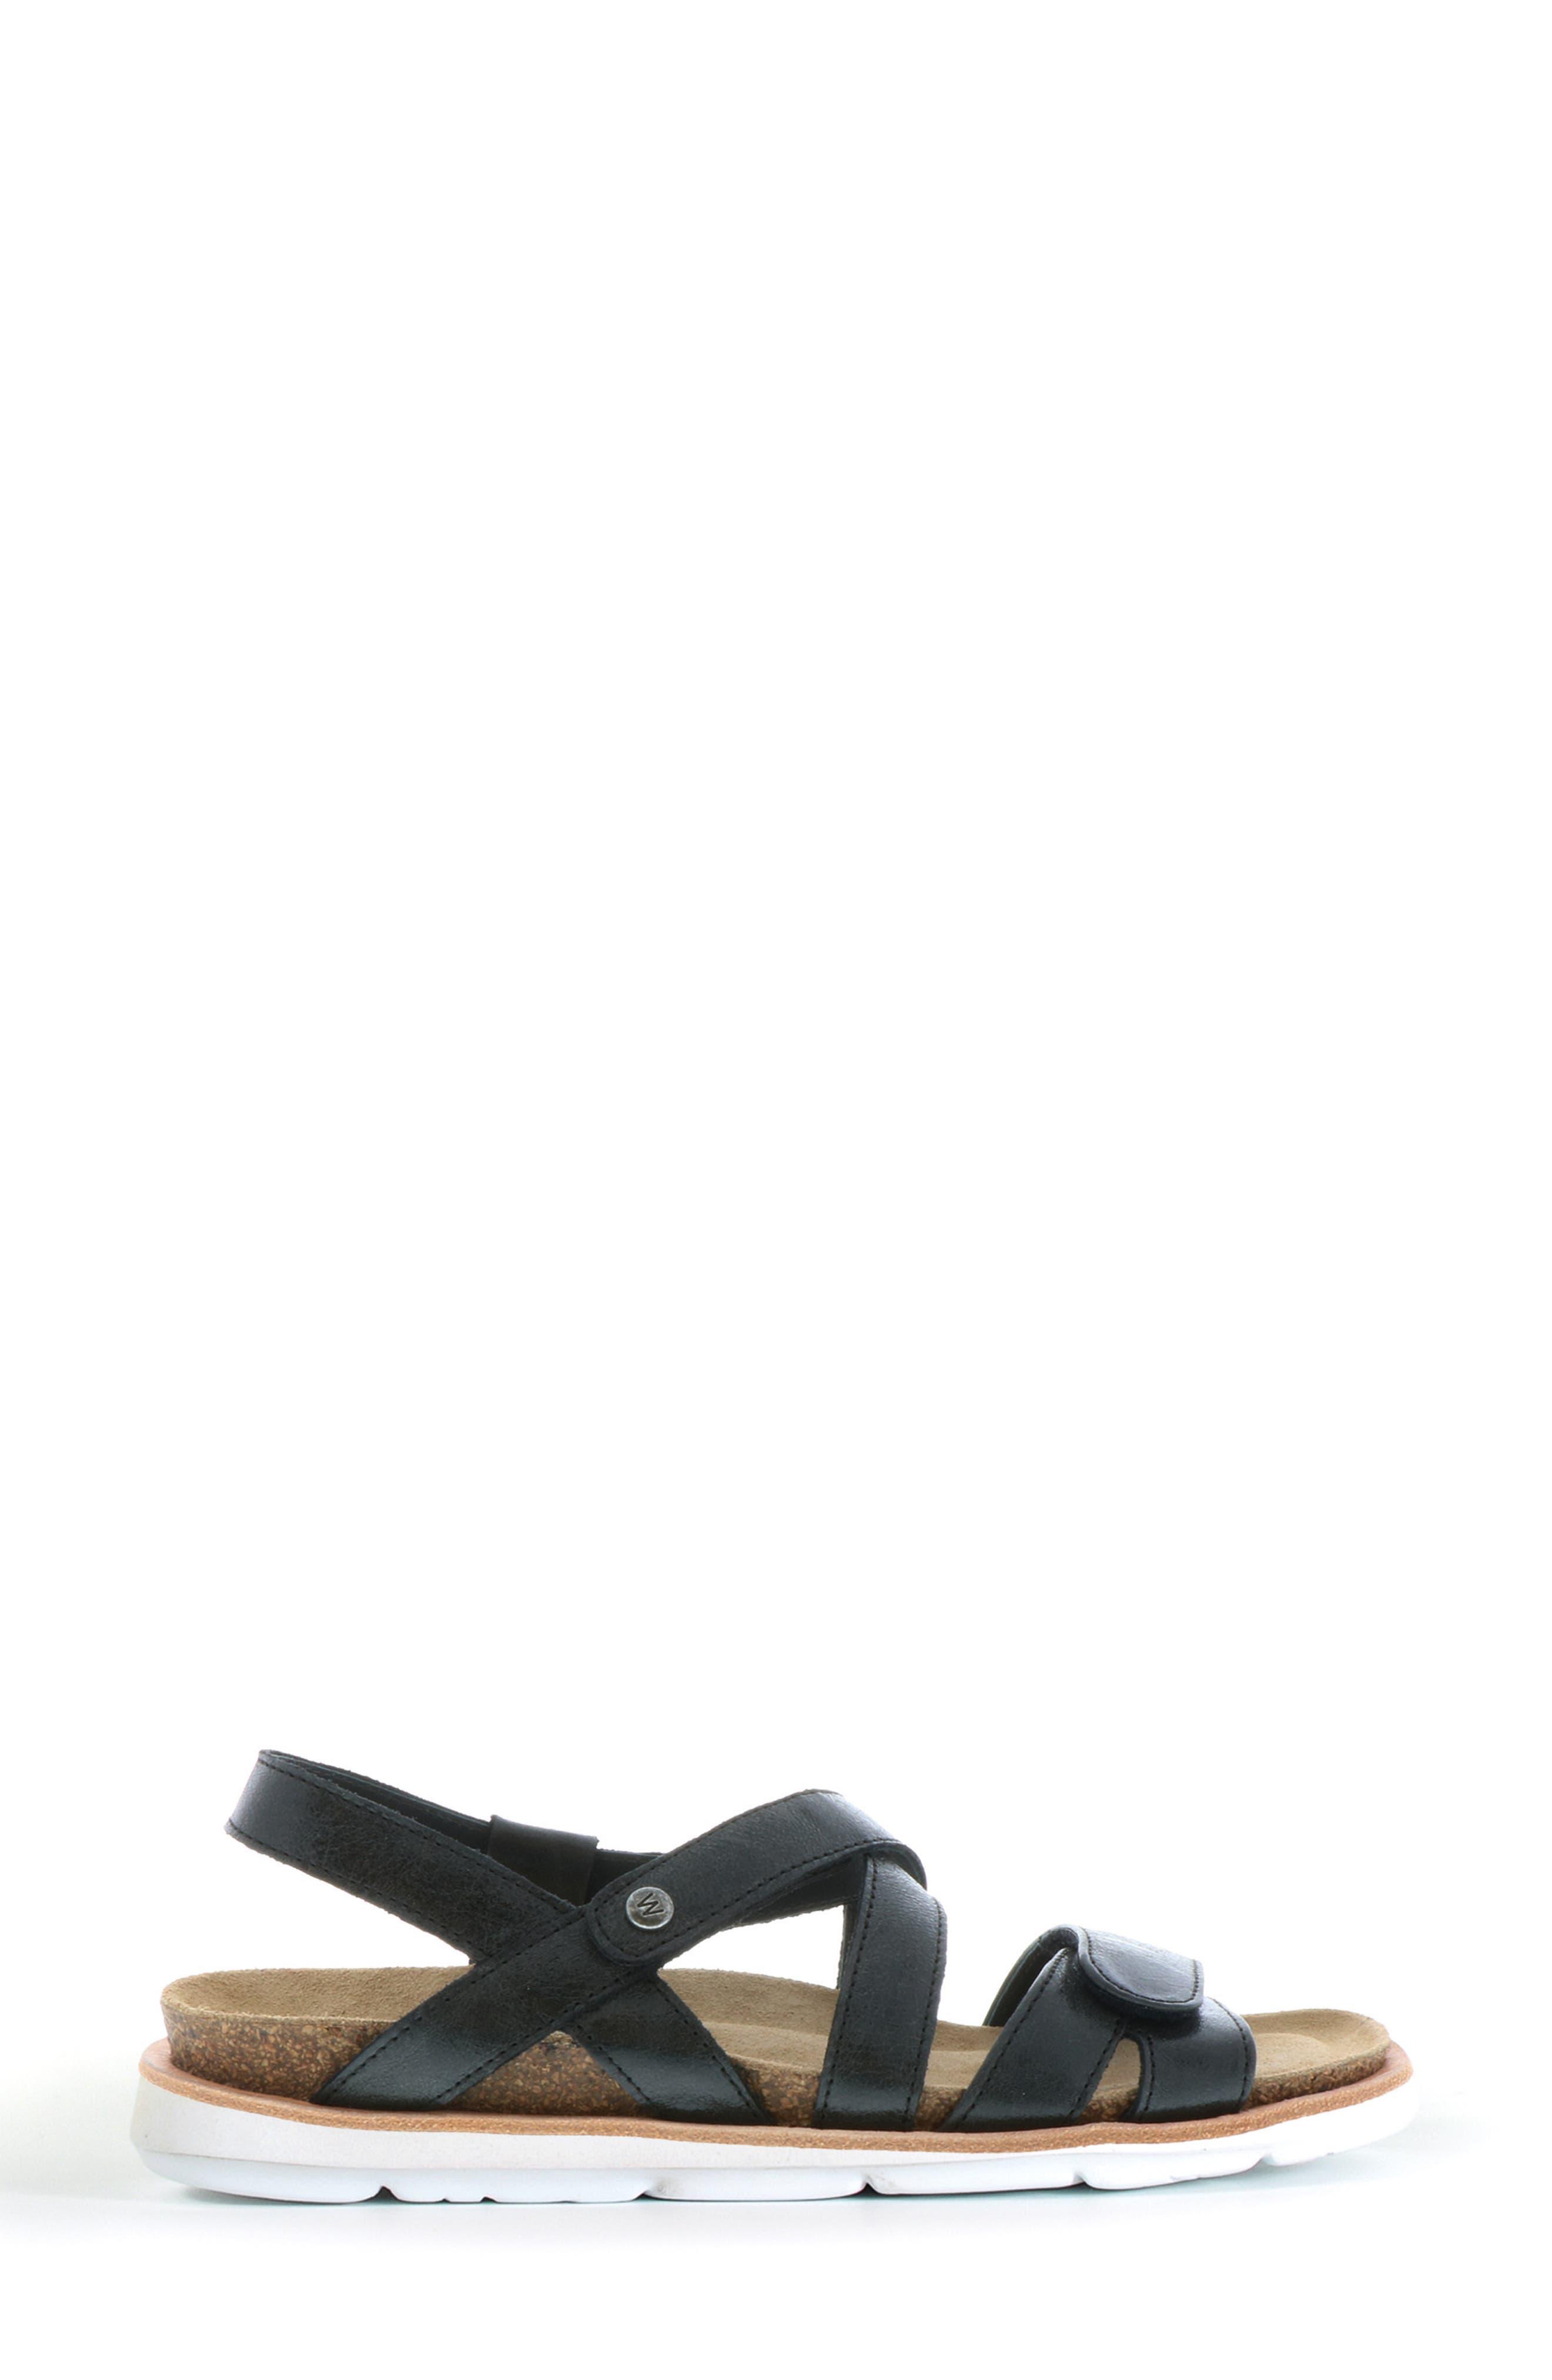 Sunstone Sandal,                             Alternate thumbnail 3, color,                             Black Summer